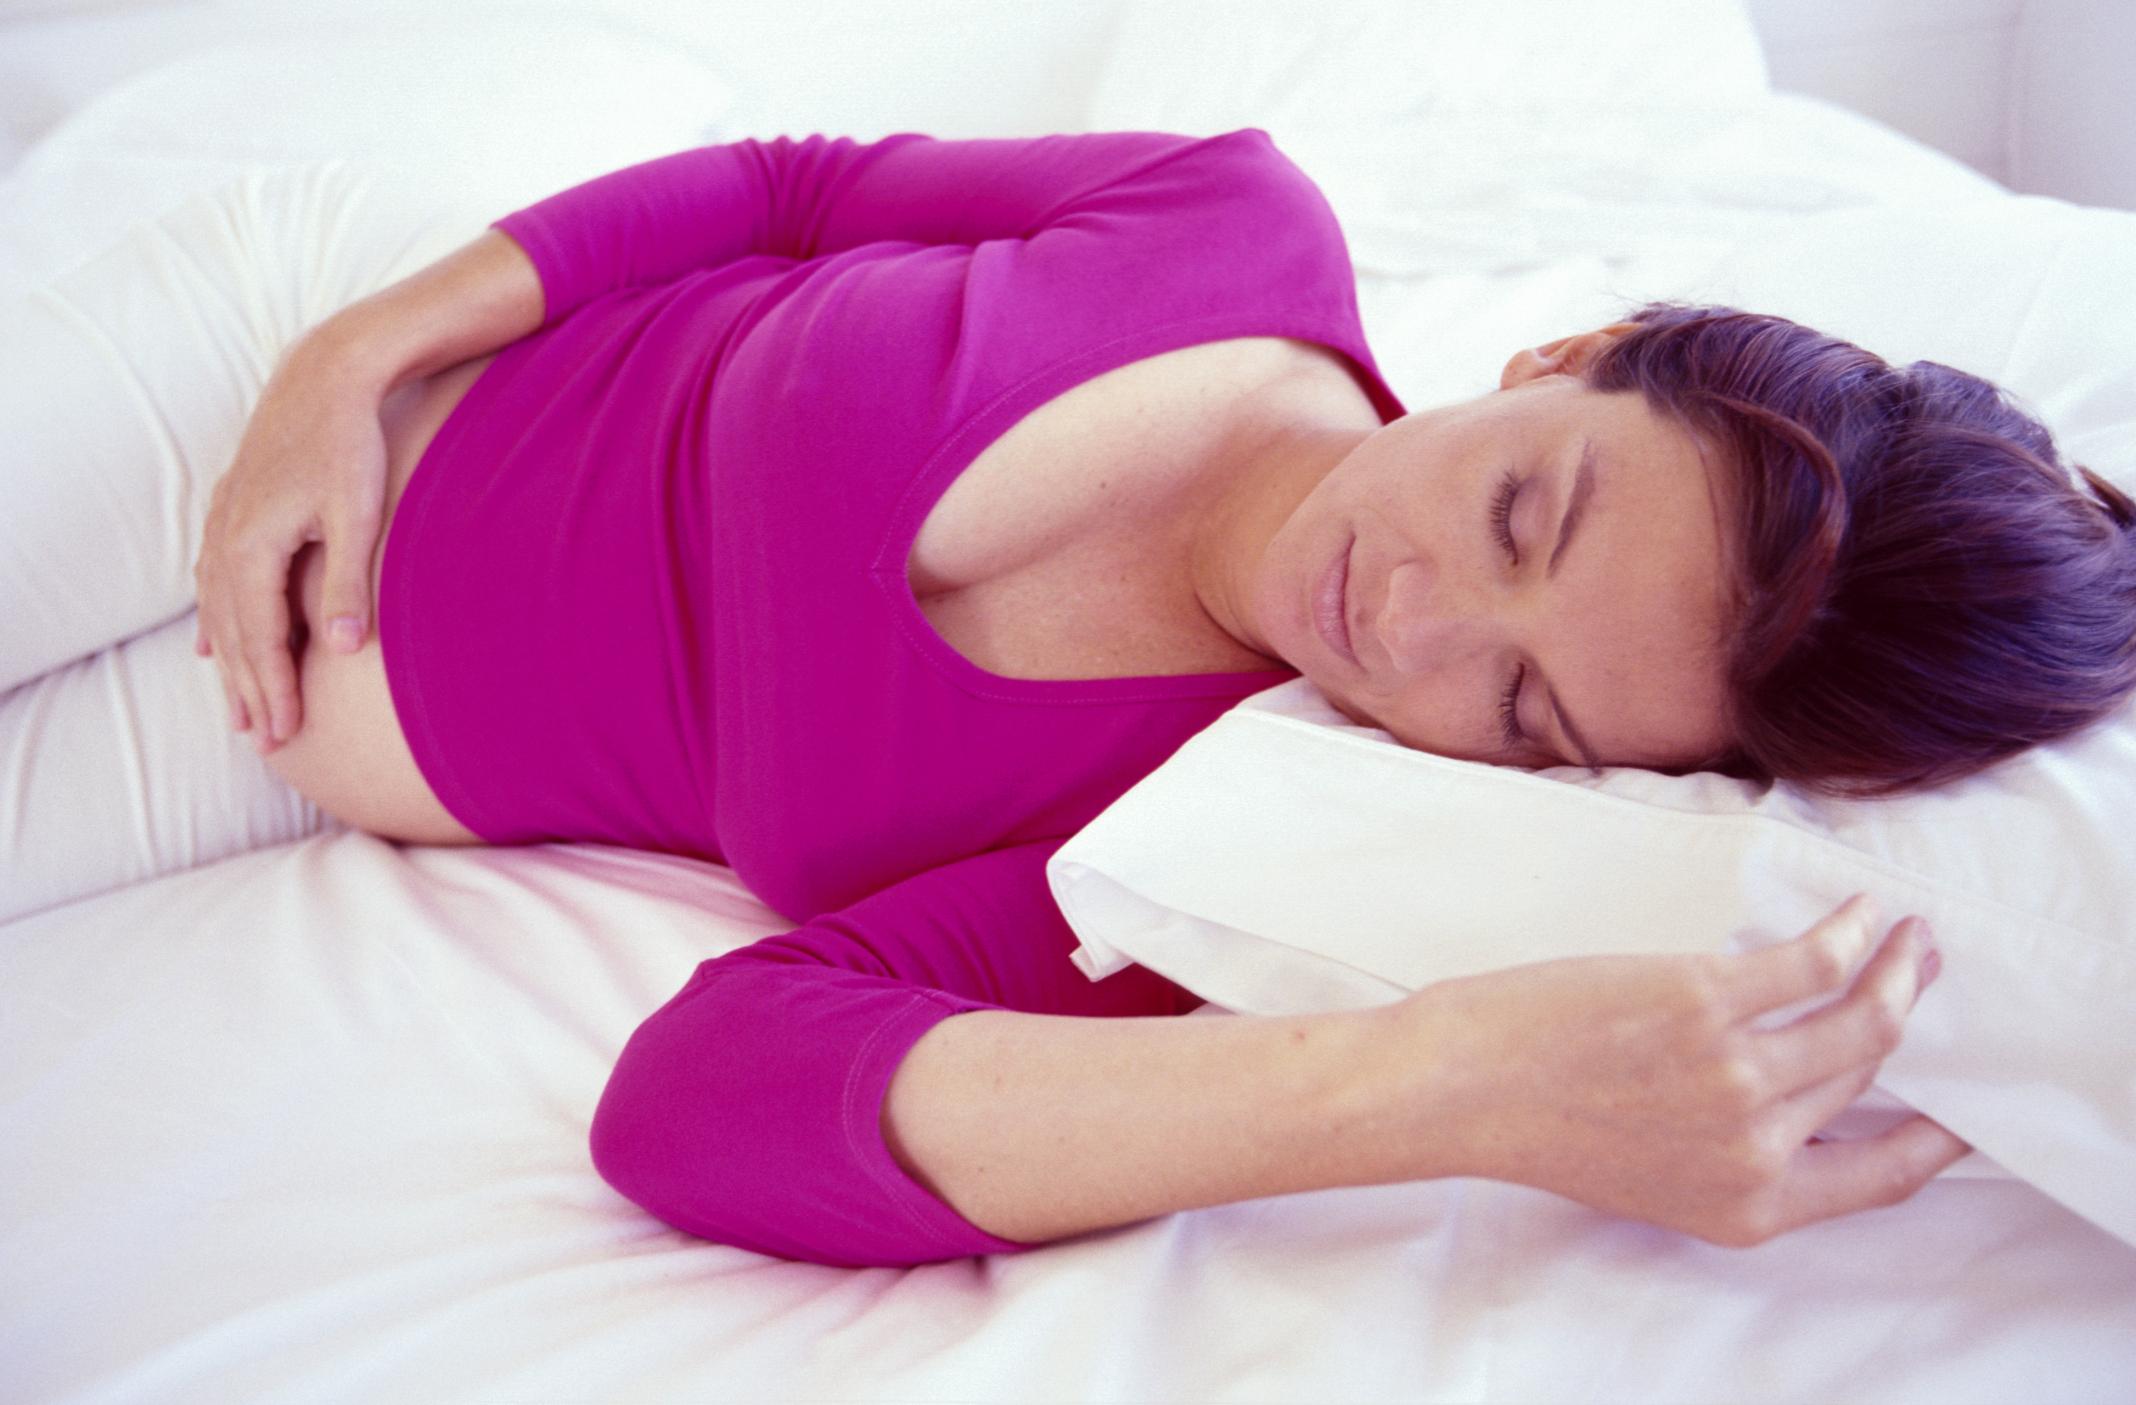 نحوه ی خوابیدن صحیح در دوران بارداری